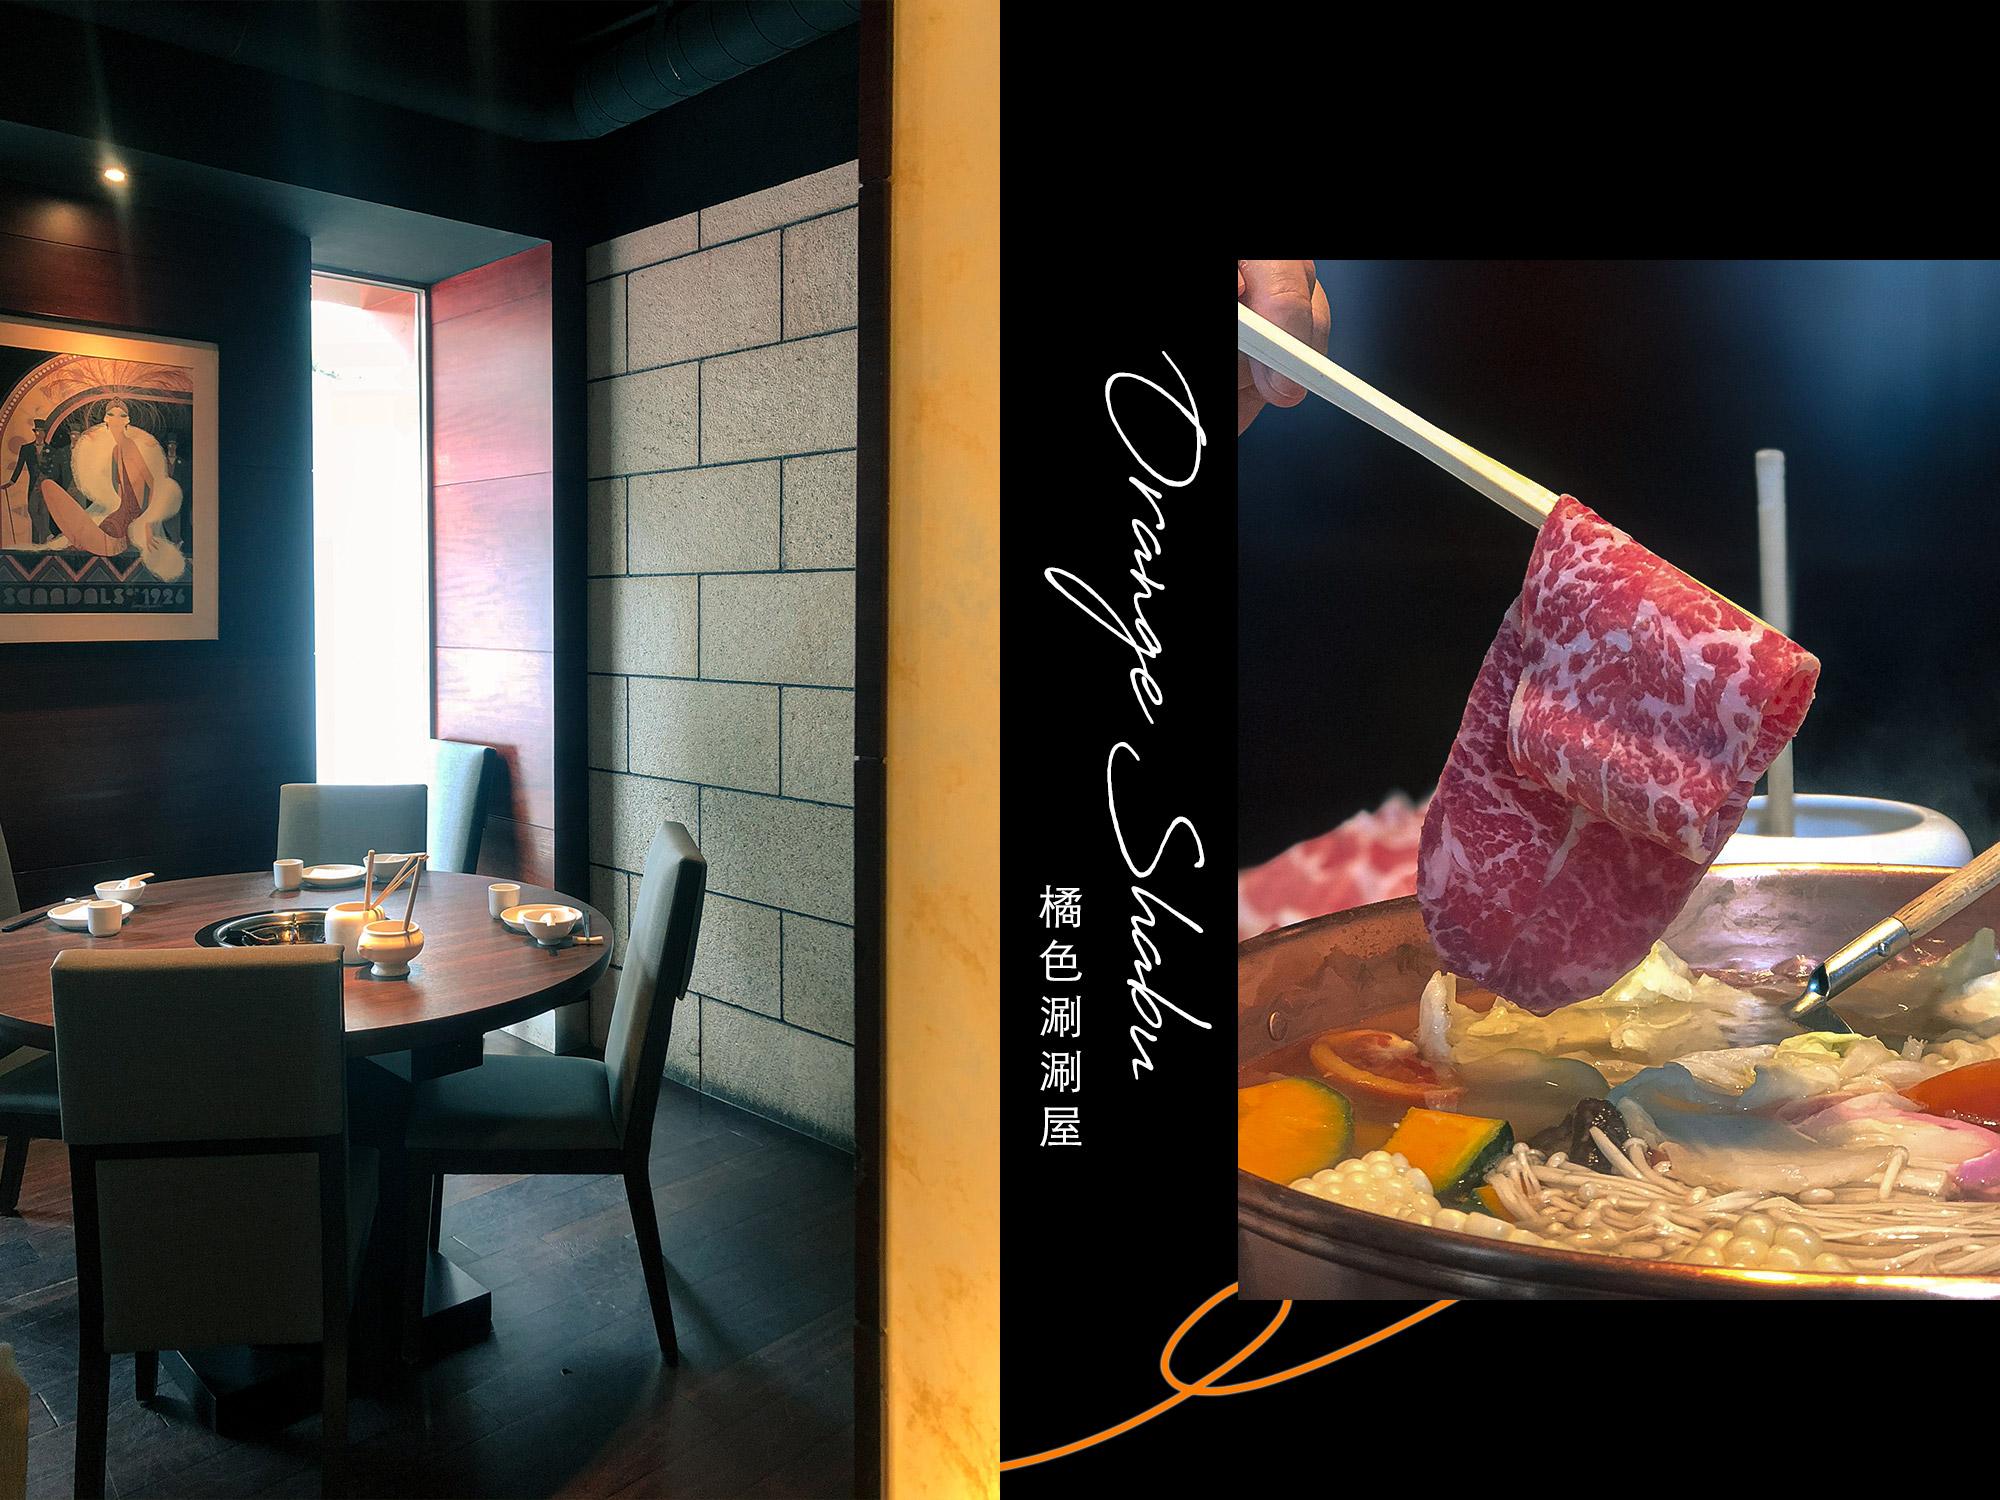 橘色涮涮屋|不管吃幾次都不會膩!橘色二館家人聚餐隔間包廂,隱密舒適的頂級火鍋(內含Munu)